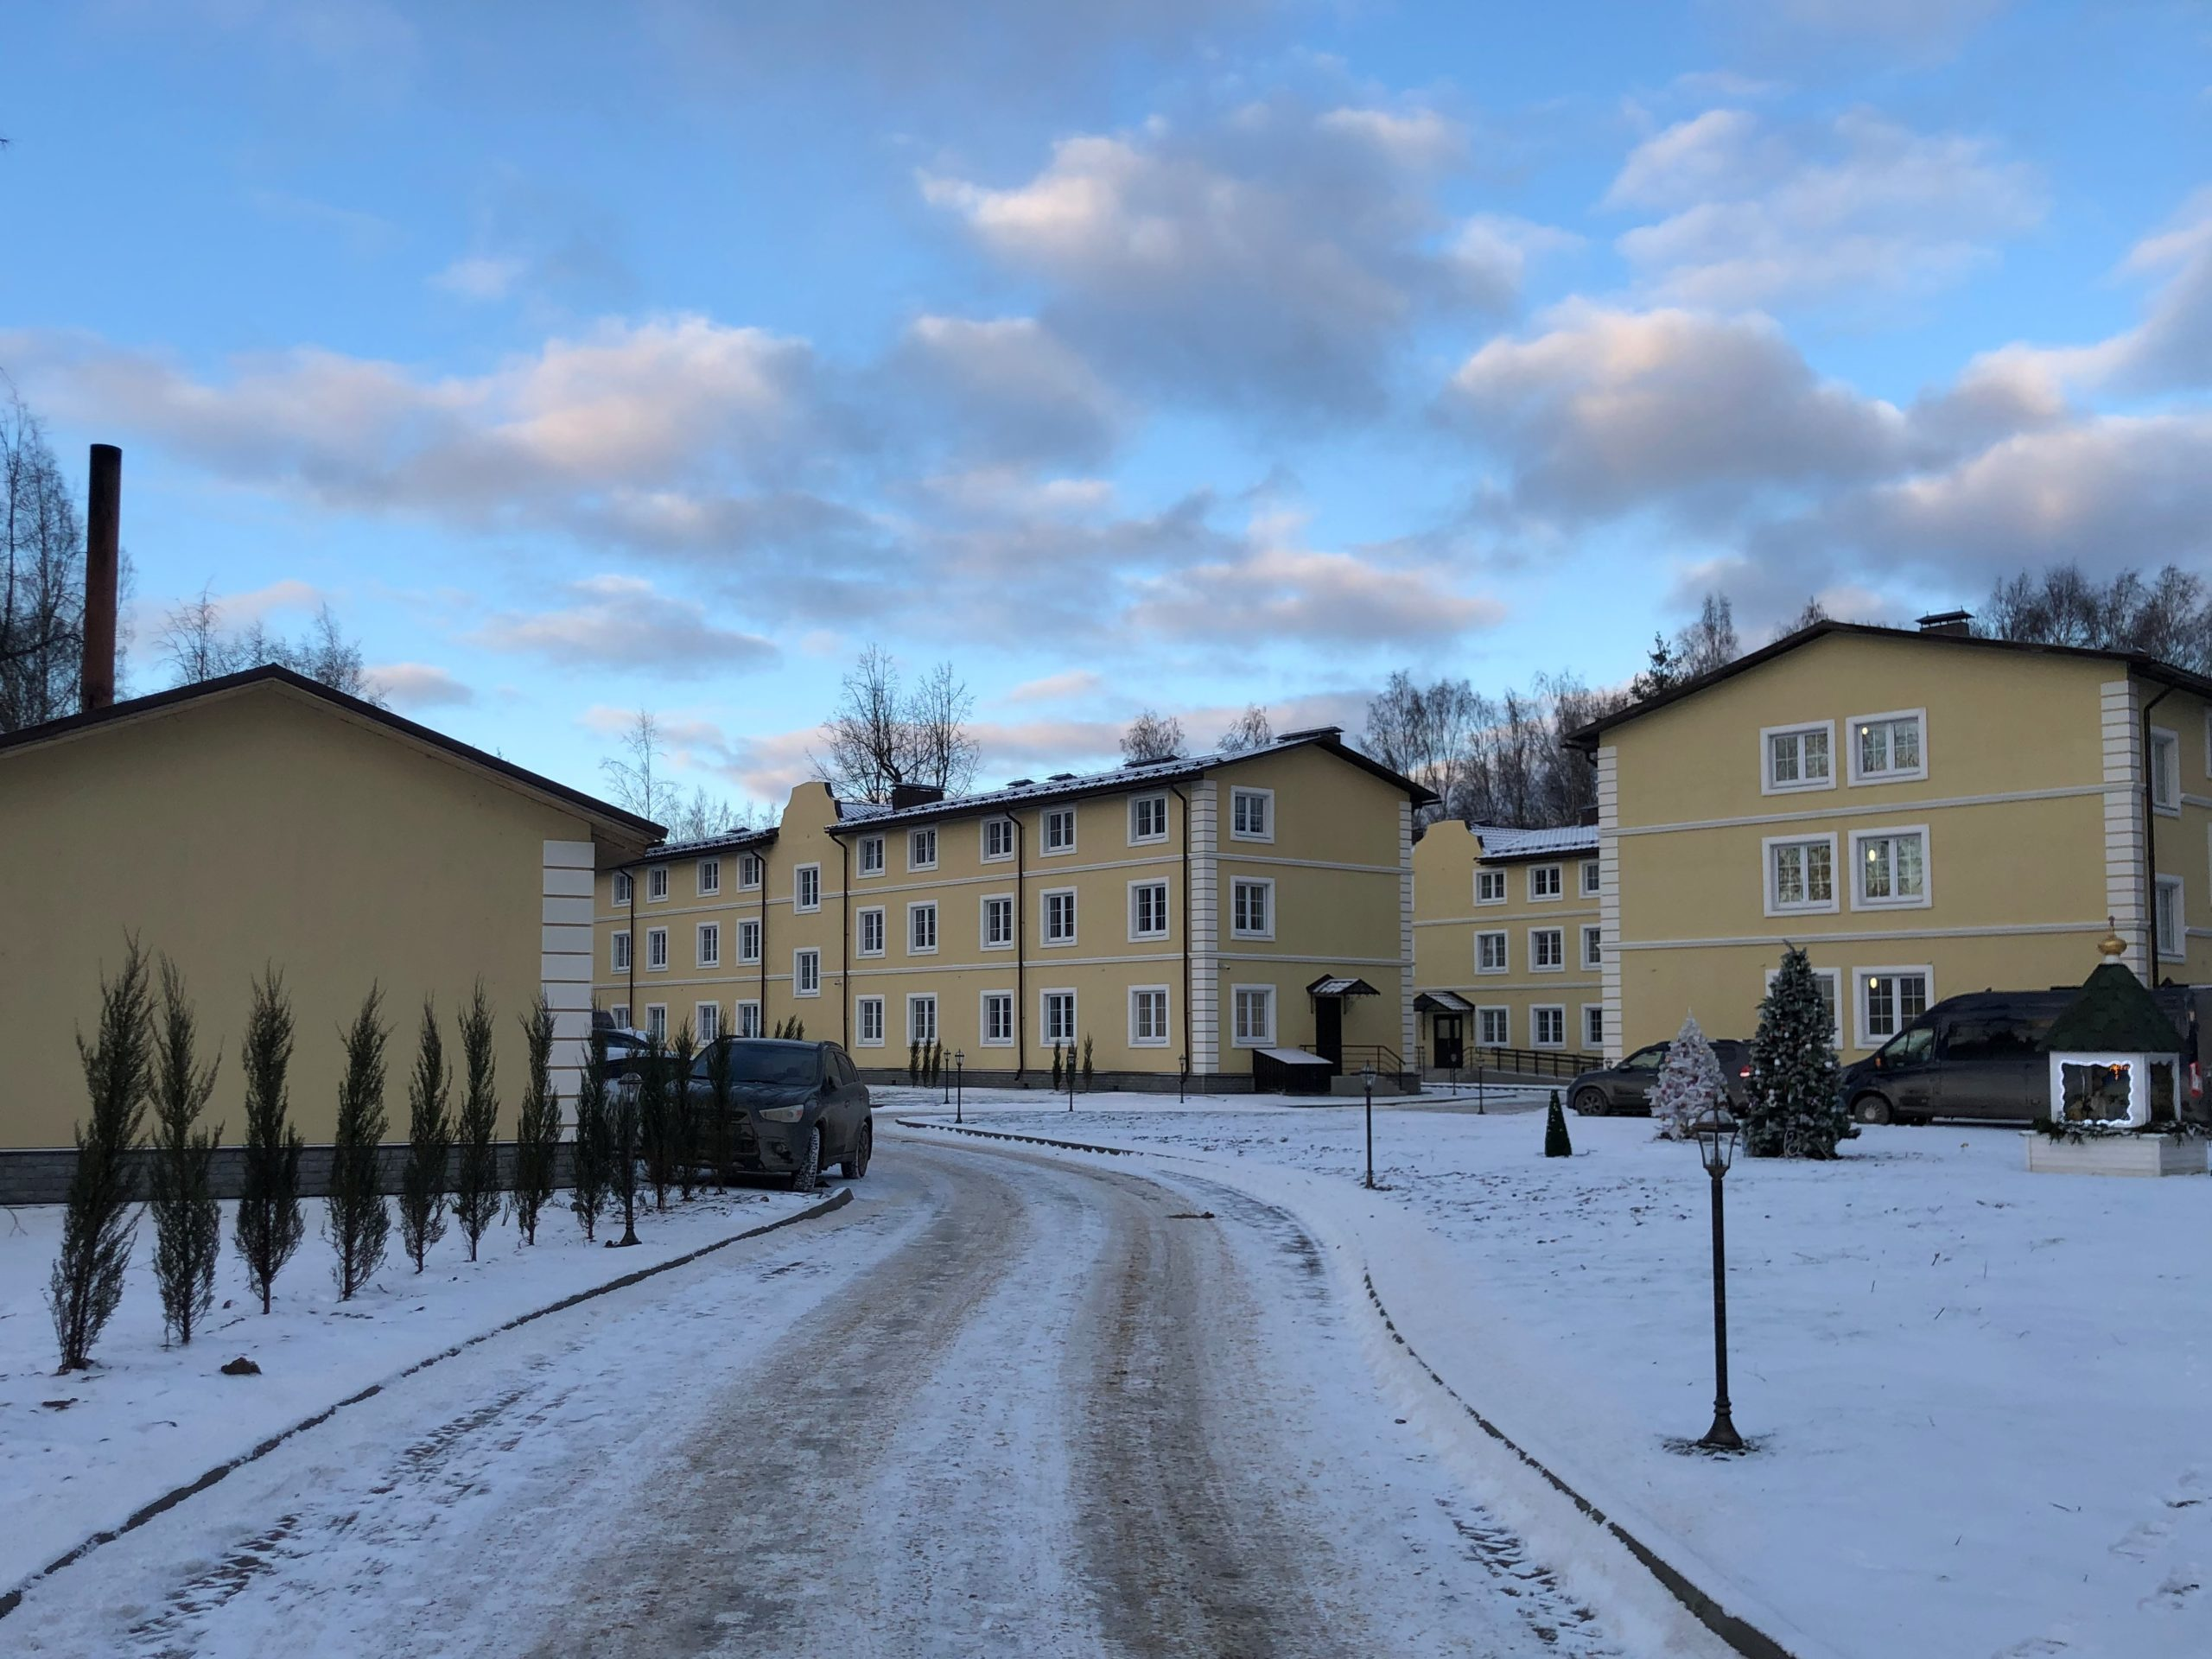 Новые корпуса социальной гостиницы «Дочки-Матери» открылись в женском монастыре Тверской области